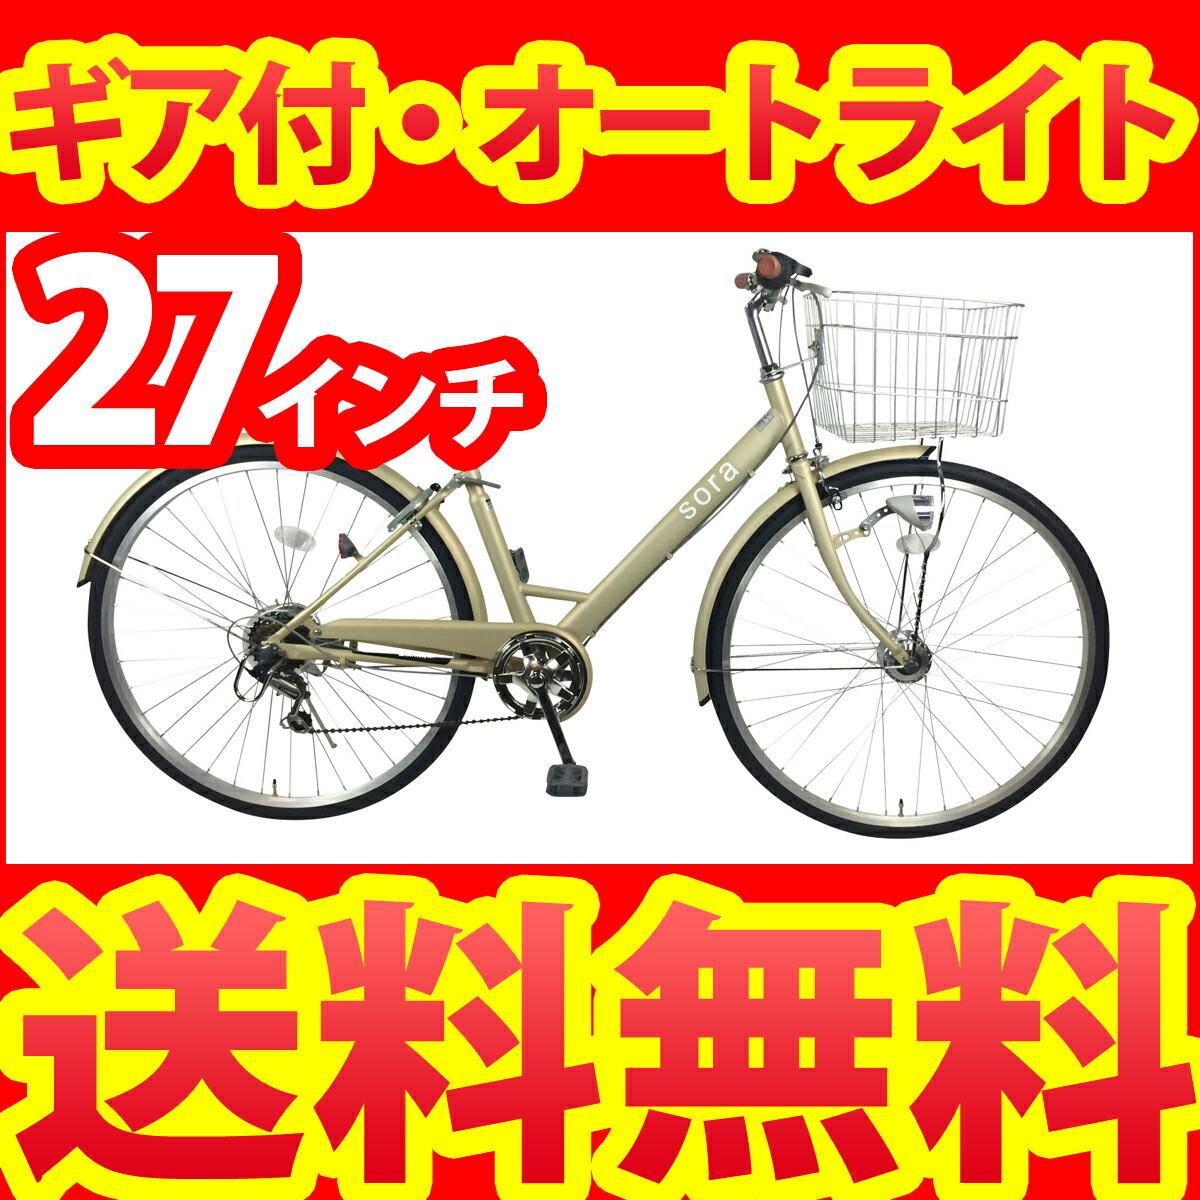 2台セット販売 自転車なフレームが人気 sora ソラ シティサイクル クリーム/ベージュ/アイボリー 通勤 通学に最適なママチャリ 27インチ シティ車 外装6段ギア オートライト デザインVフレーム自転車なママチャリ